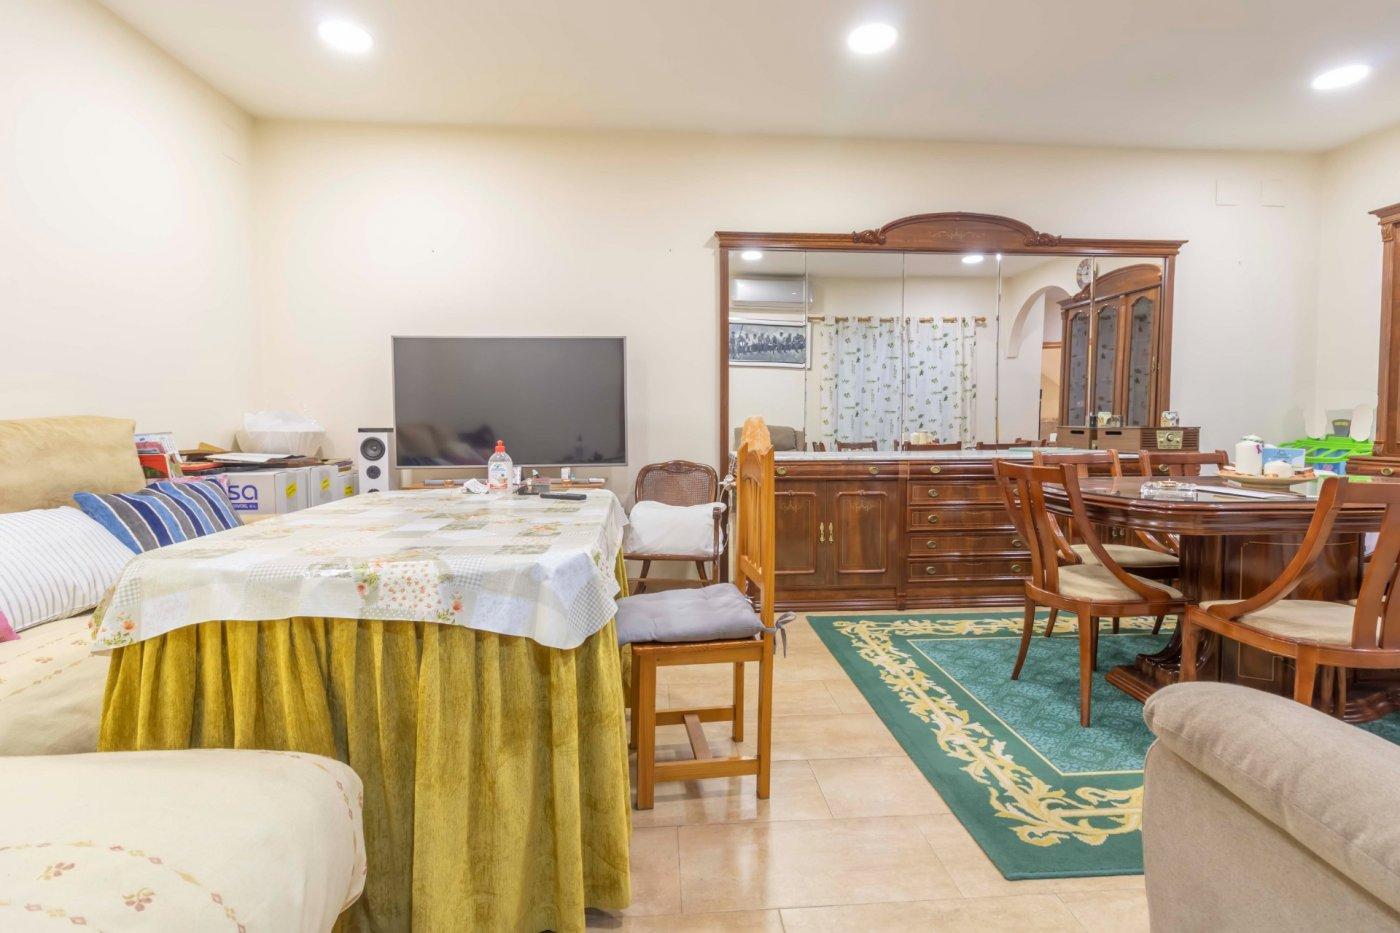 Casa a la venta en zona padre pÍo - imagenInmueble4